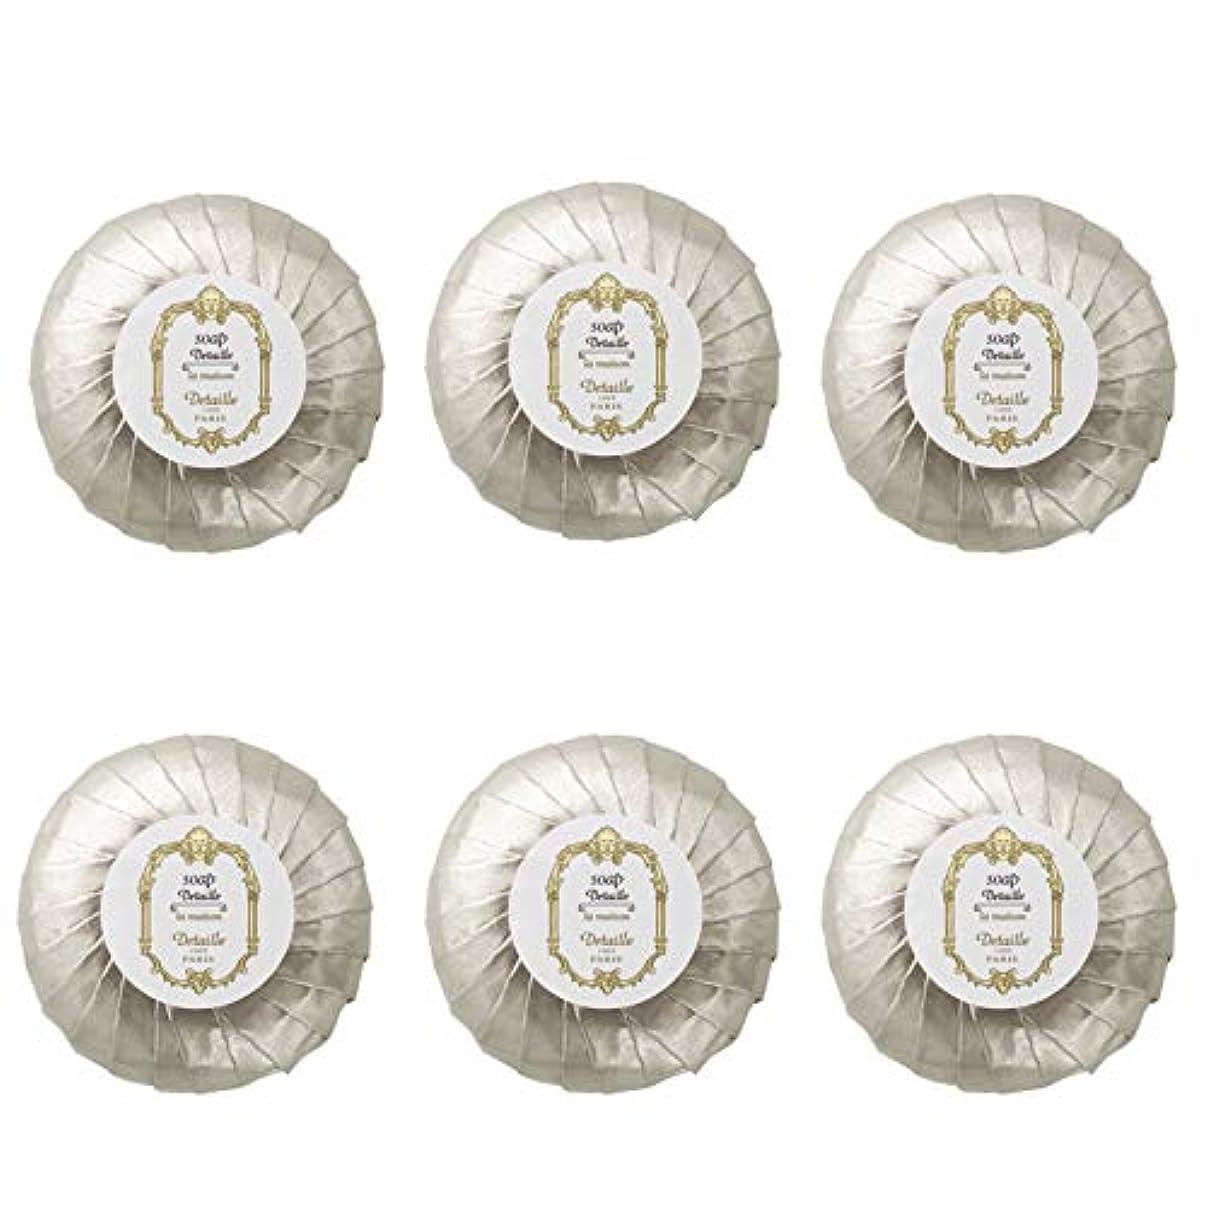 始める最初に利得POLA デタイユ ラ メゾン スキンソープ 固形石鹸 (プリーツ包装) 50g×6個